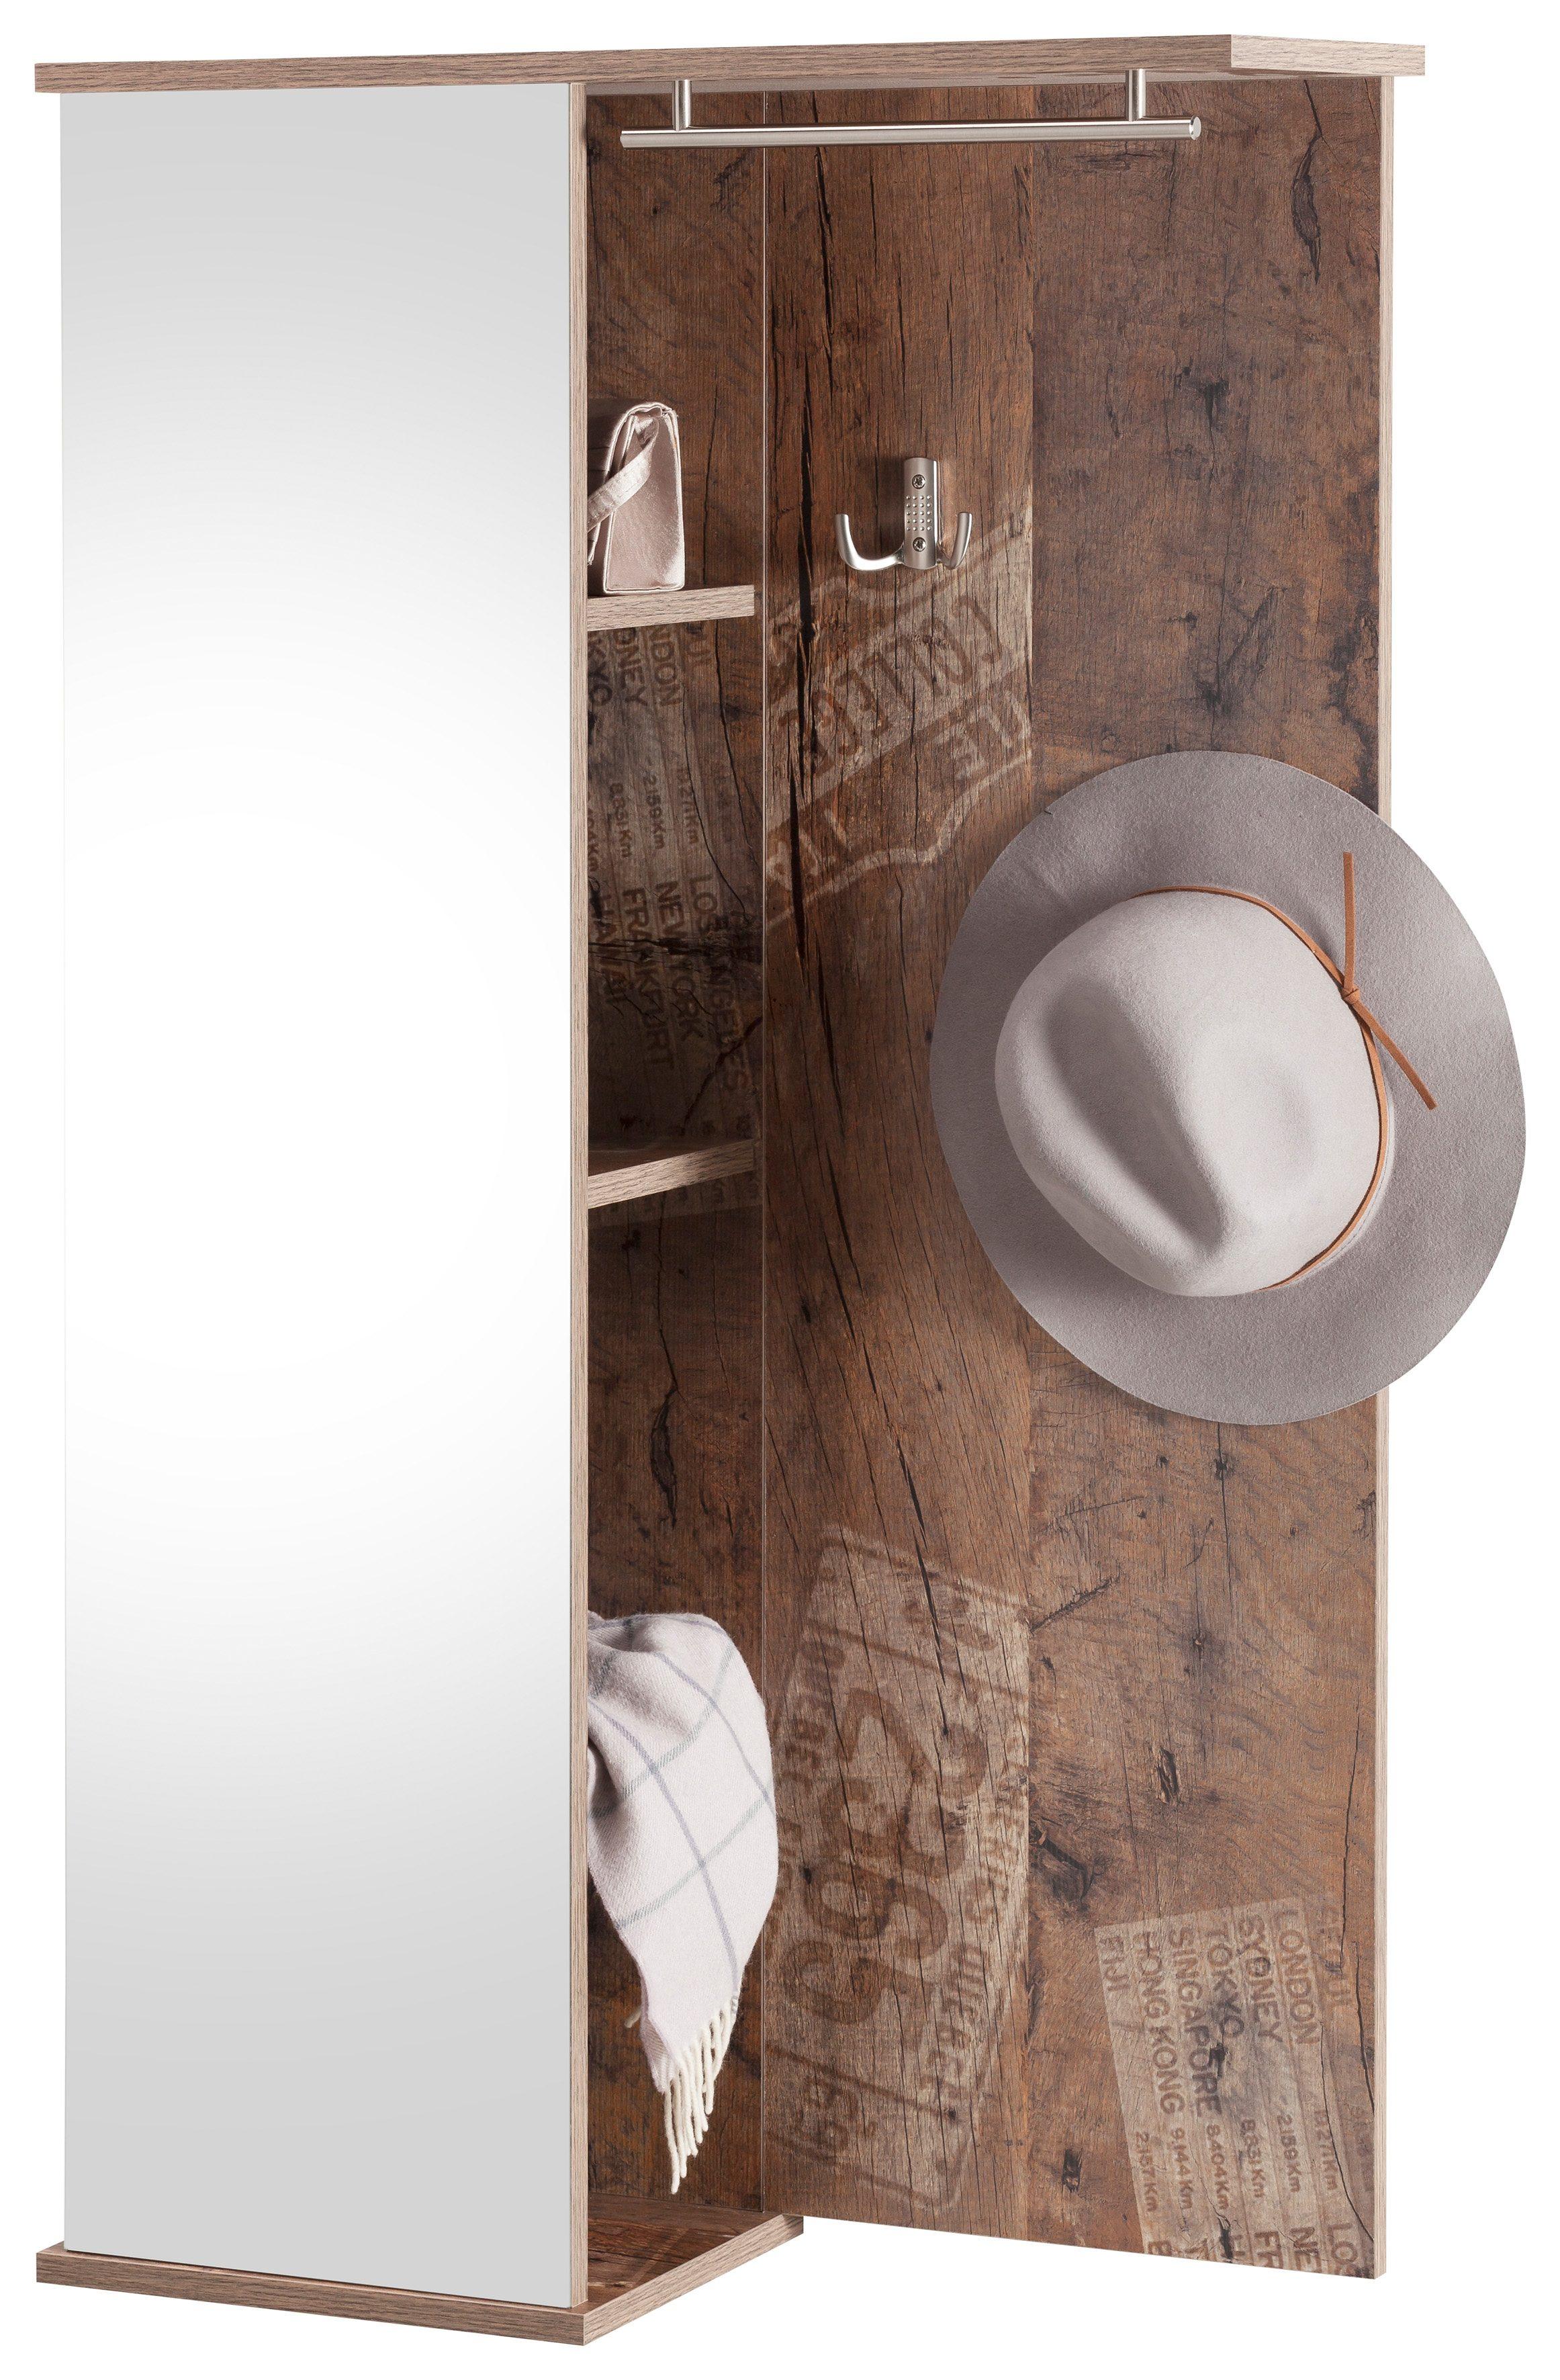 garderobenpaneel schildmeyer dorina mit spiegel bequem. Black Bedroom Furniture Sets. Home Design Ideas